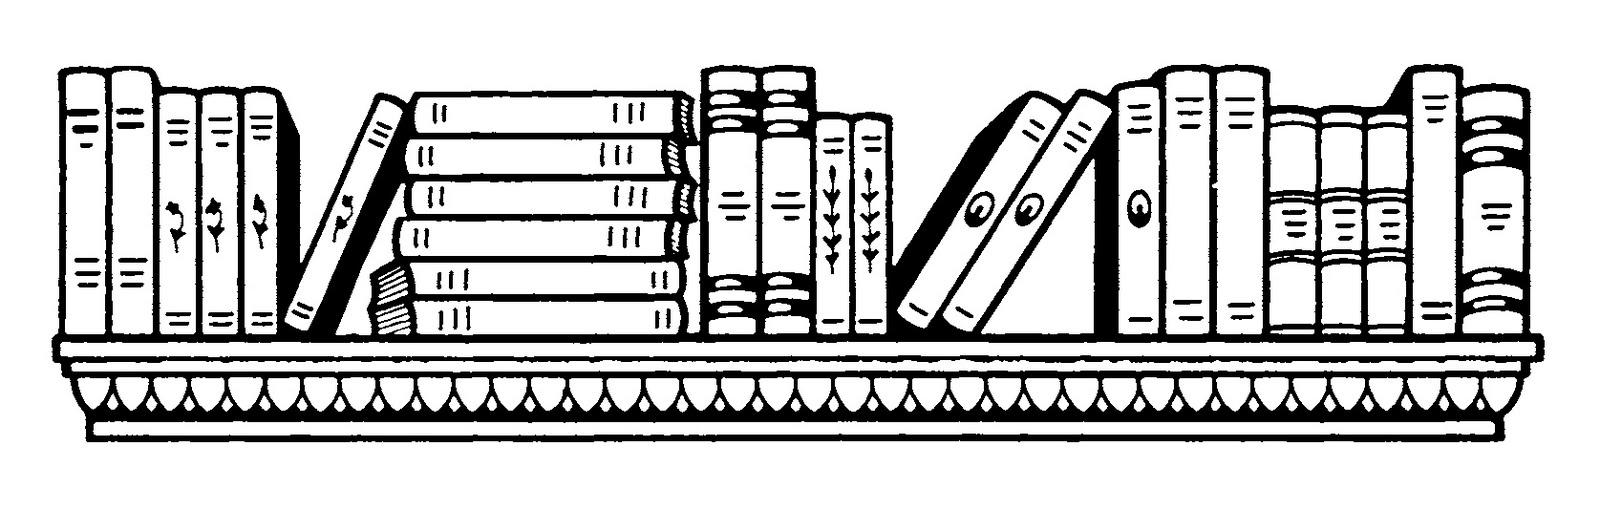 Books Borders Clip Art.